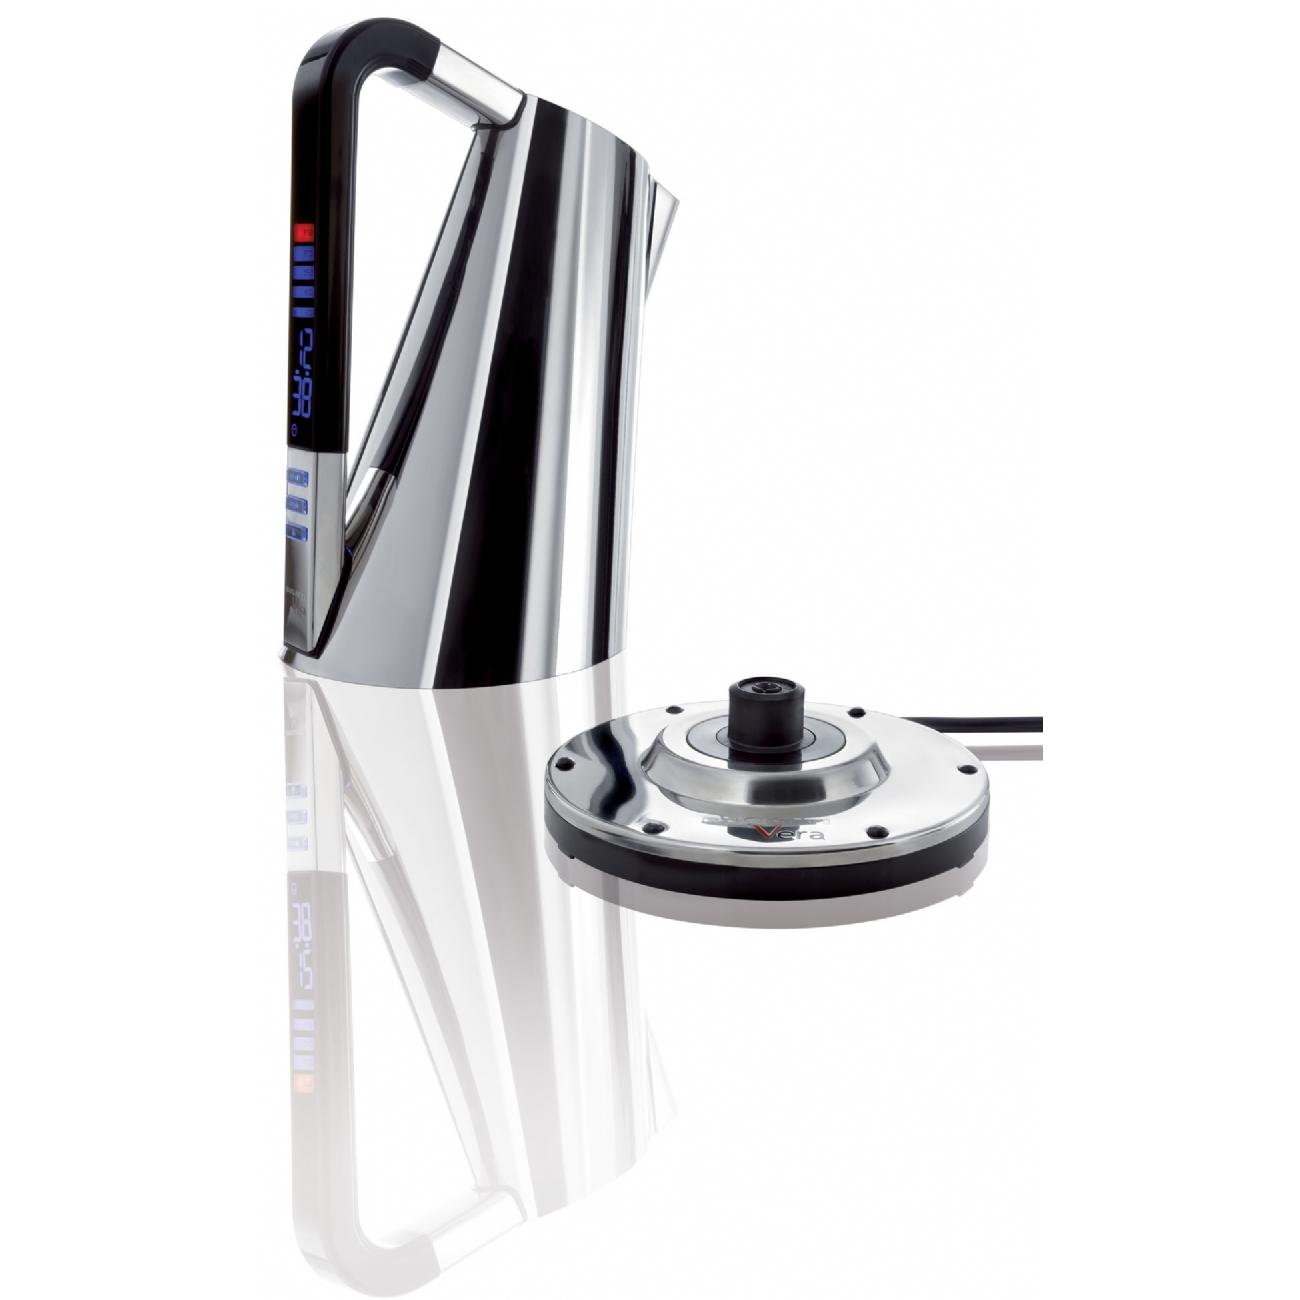 kettle-chromed-design-appliances-vera-557-z.jpg